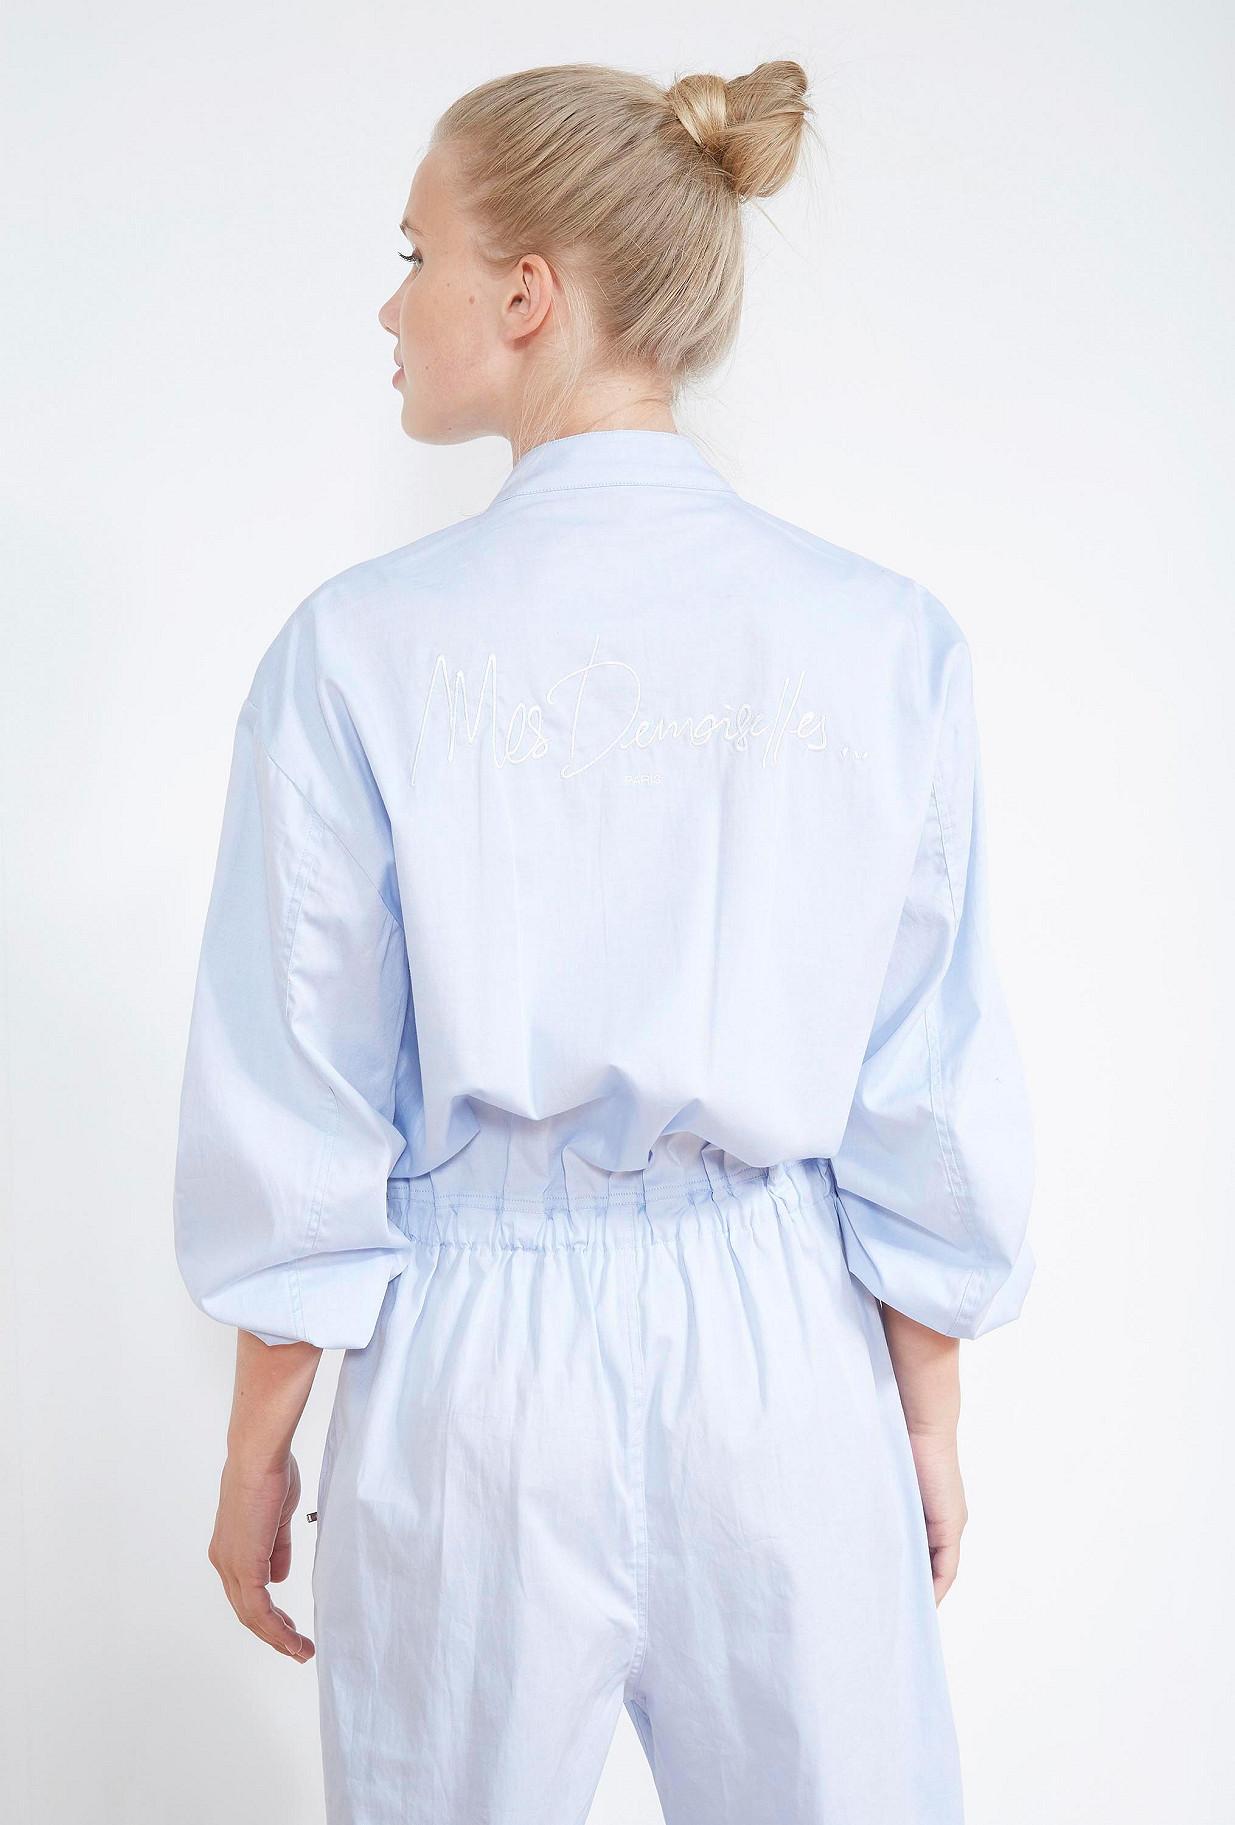 PANTALON Bleu ciel  Montecorlo mes demoiselles paris vêtement femme paris